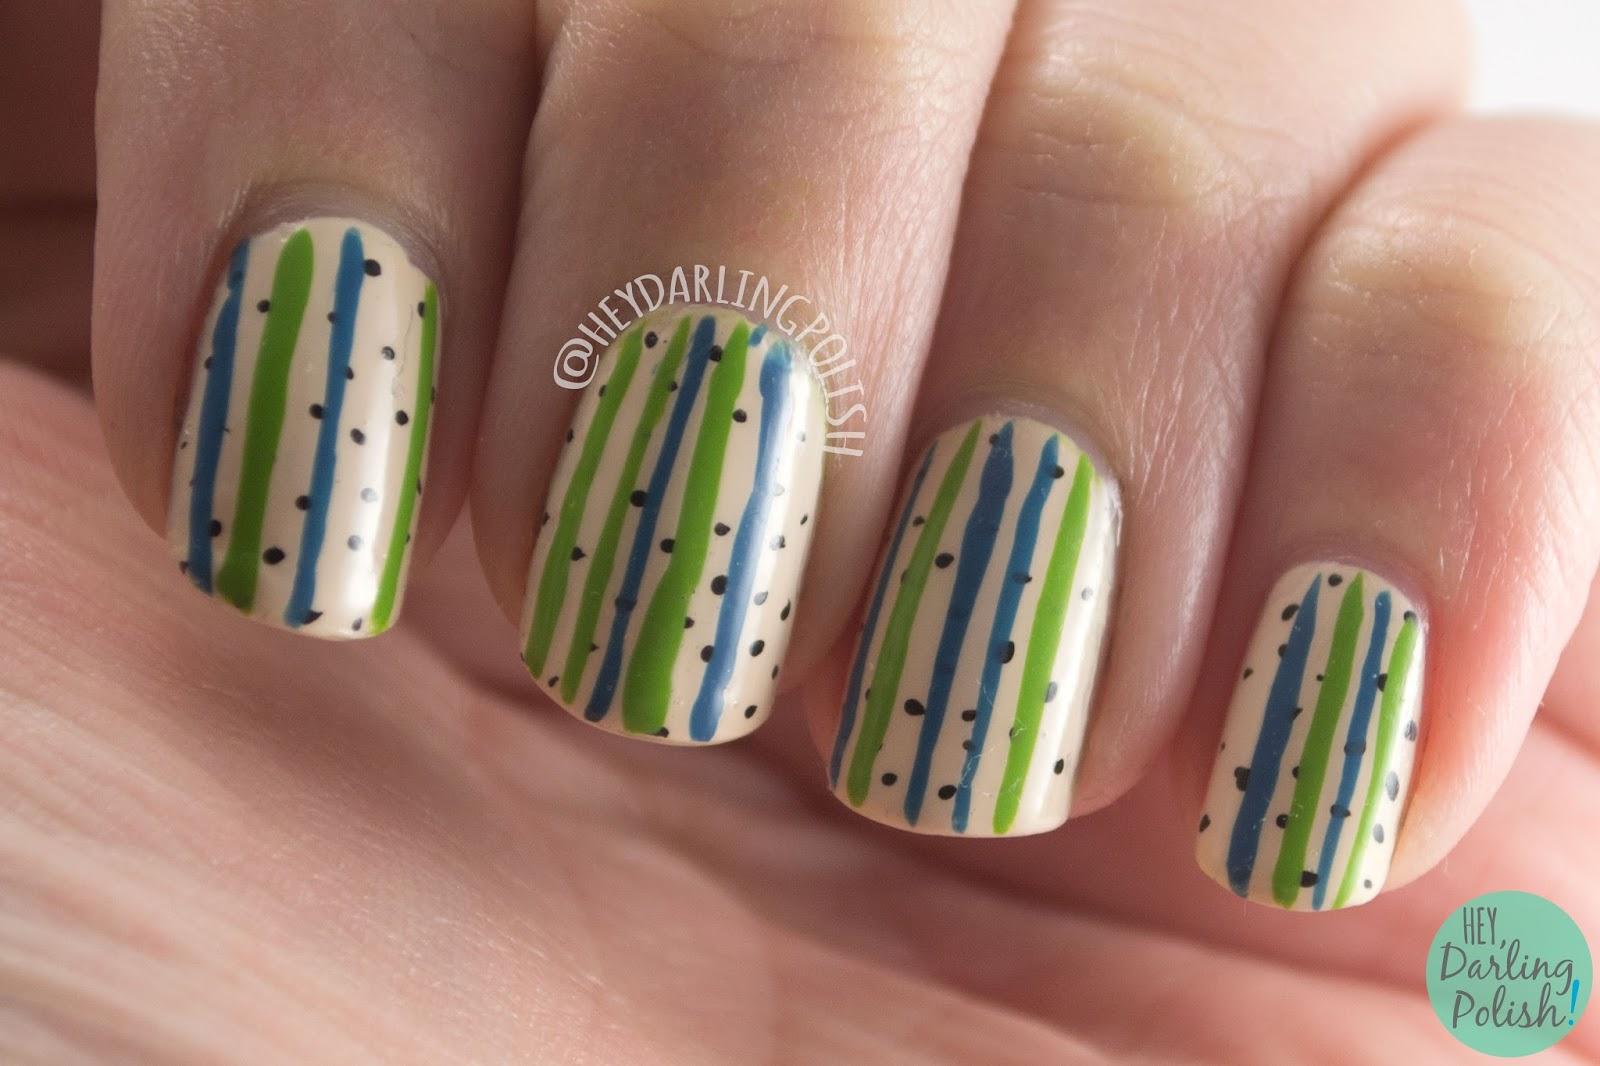 nails, nail art, nail polish, polka dots, stripes, zoya, hey darling polish,